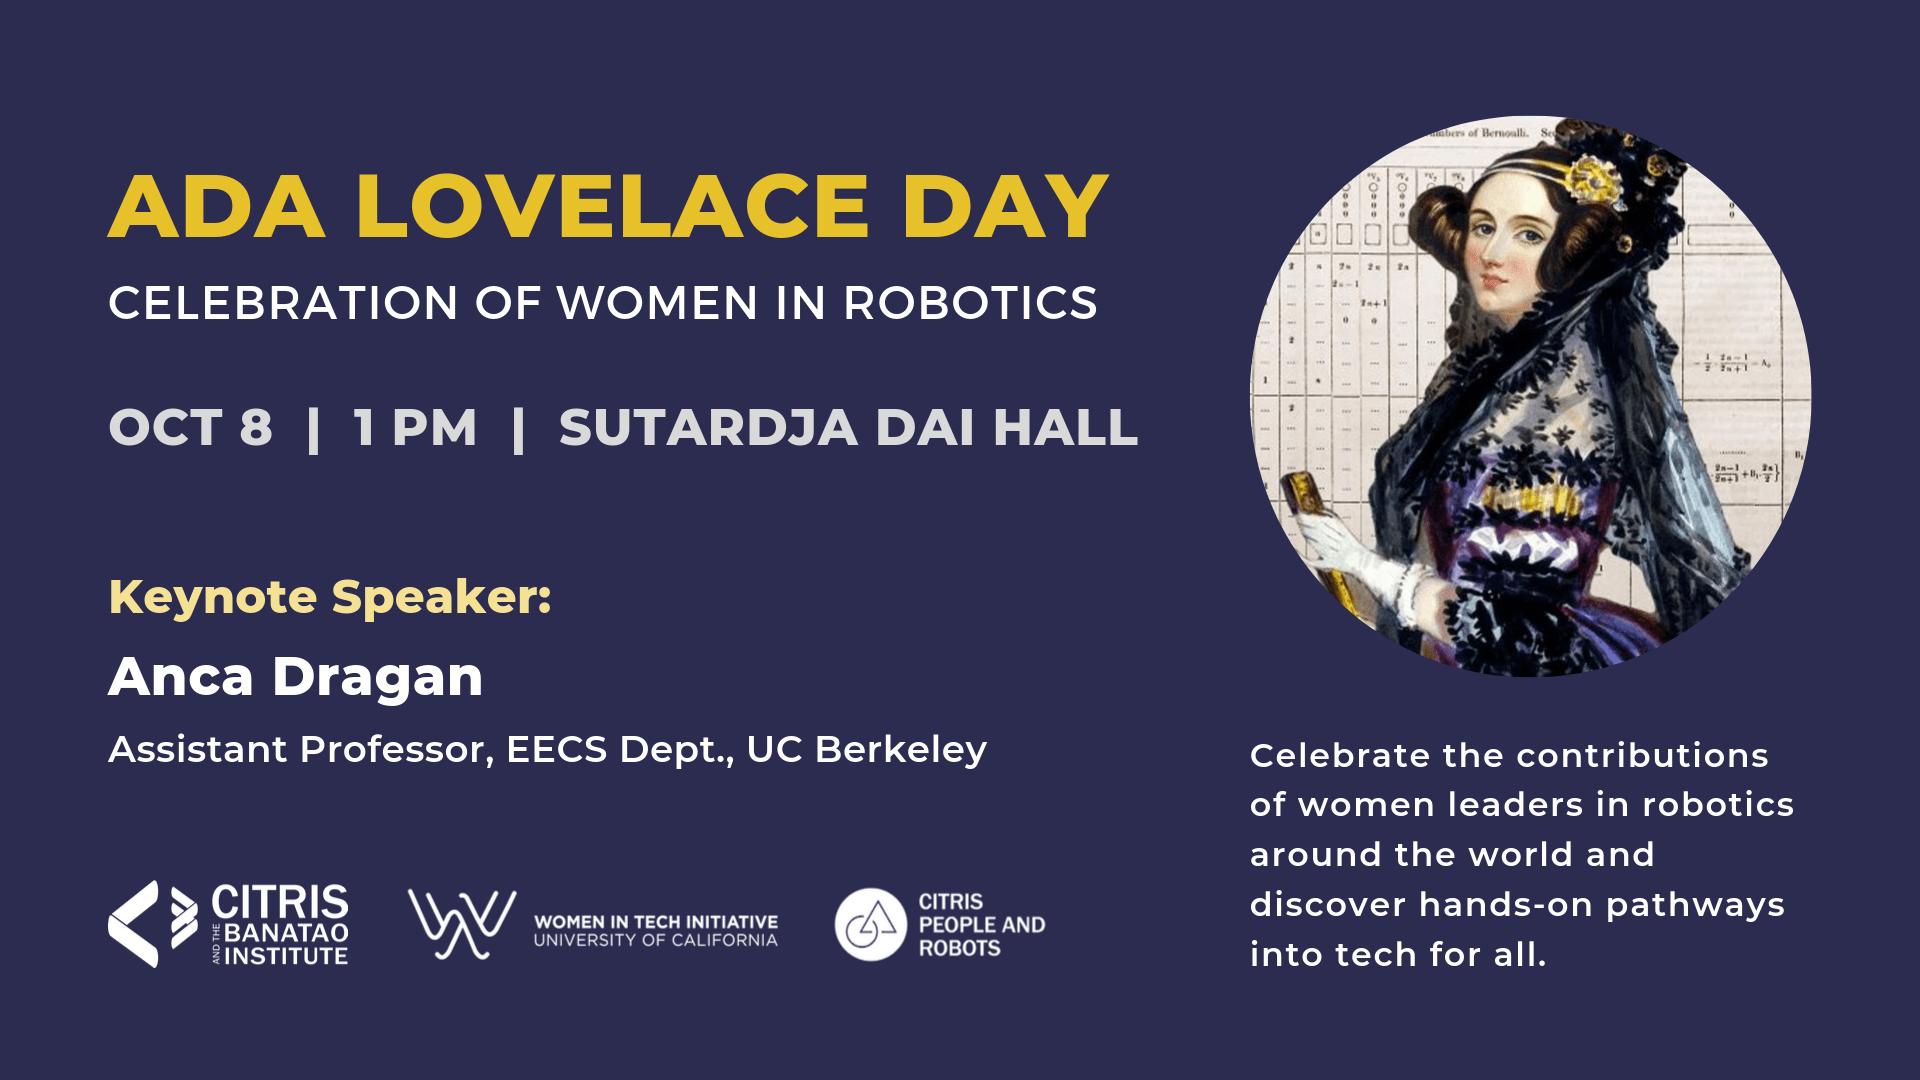 Ada Lovelace Day 2019